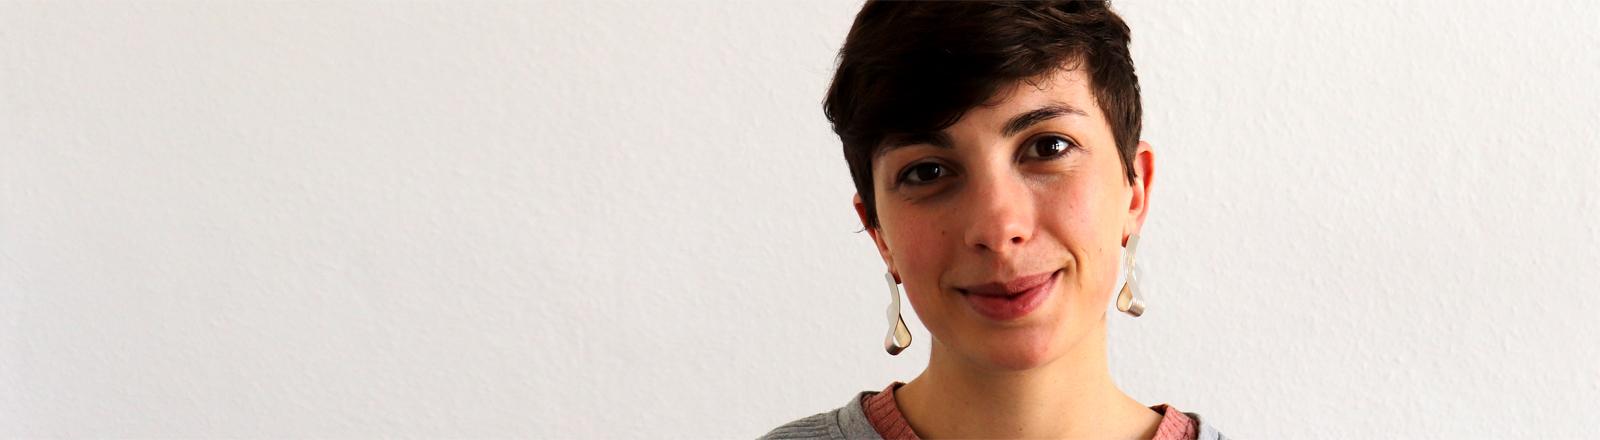 Tine im Portrait